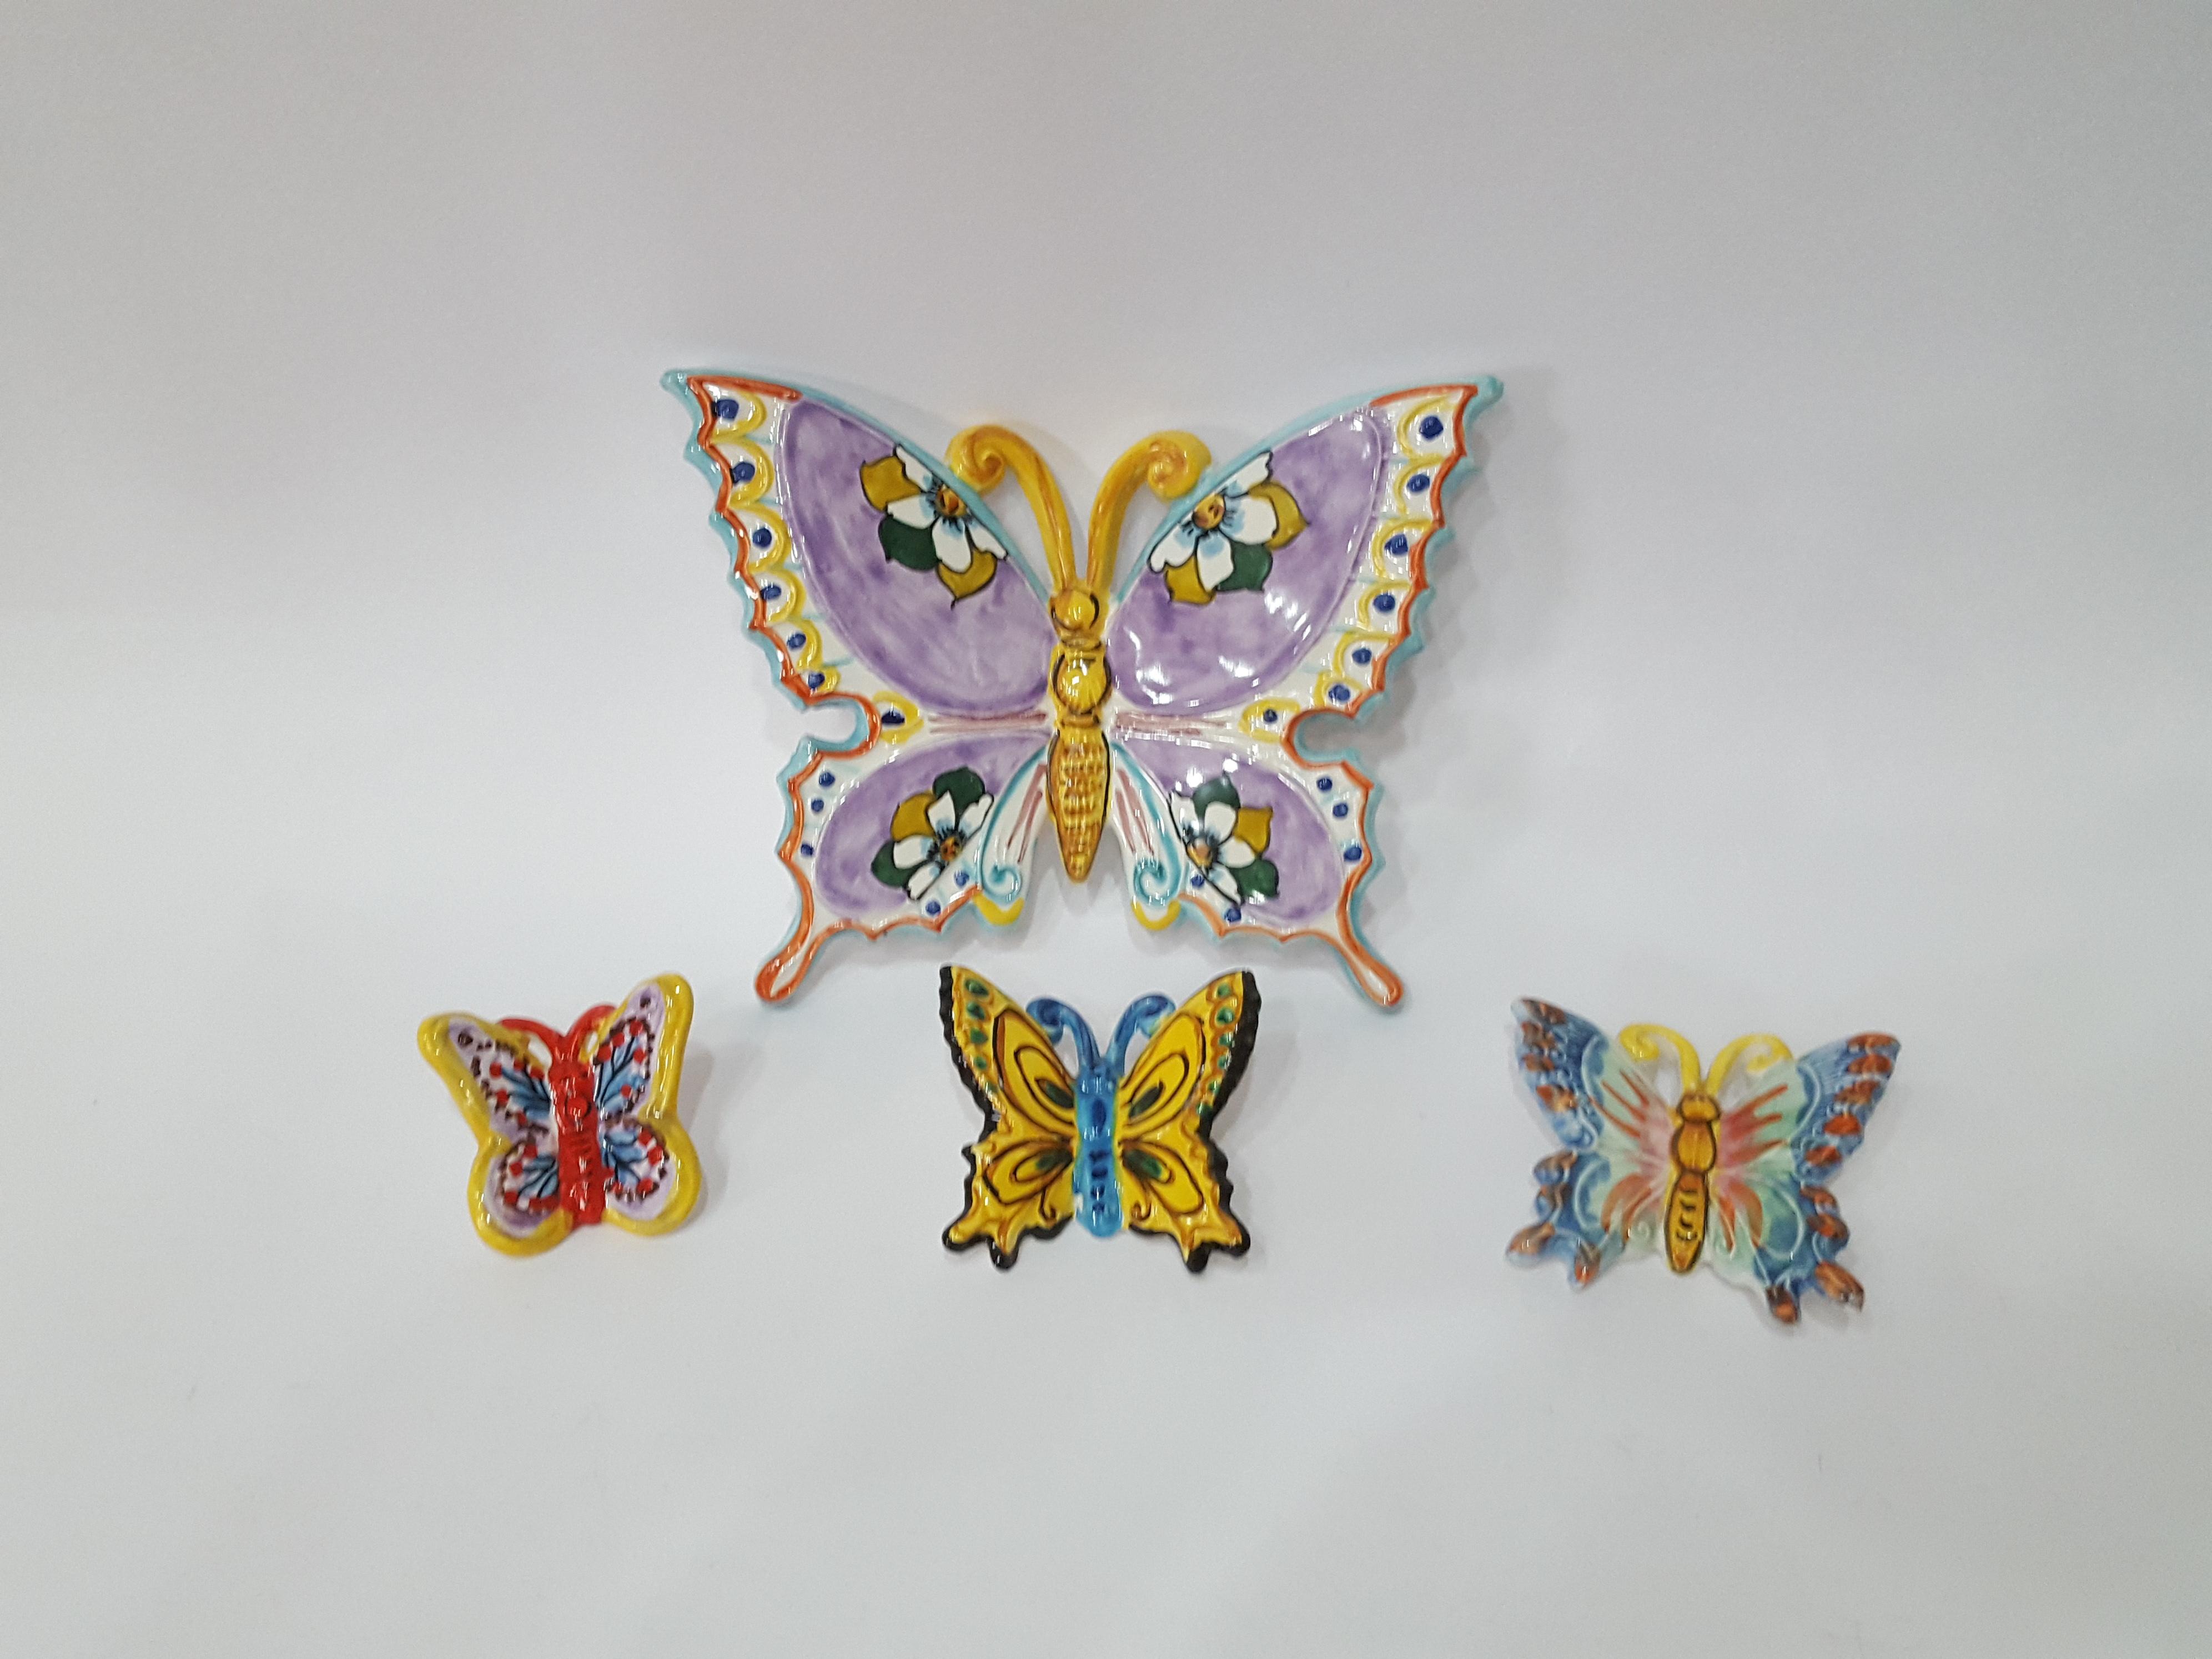 Farfalle arte in ceramica vietrese